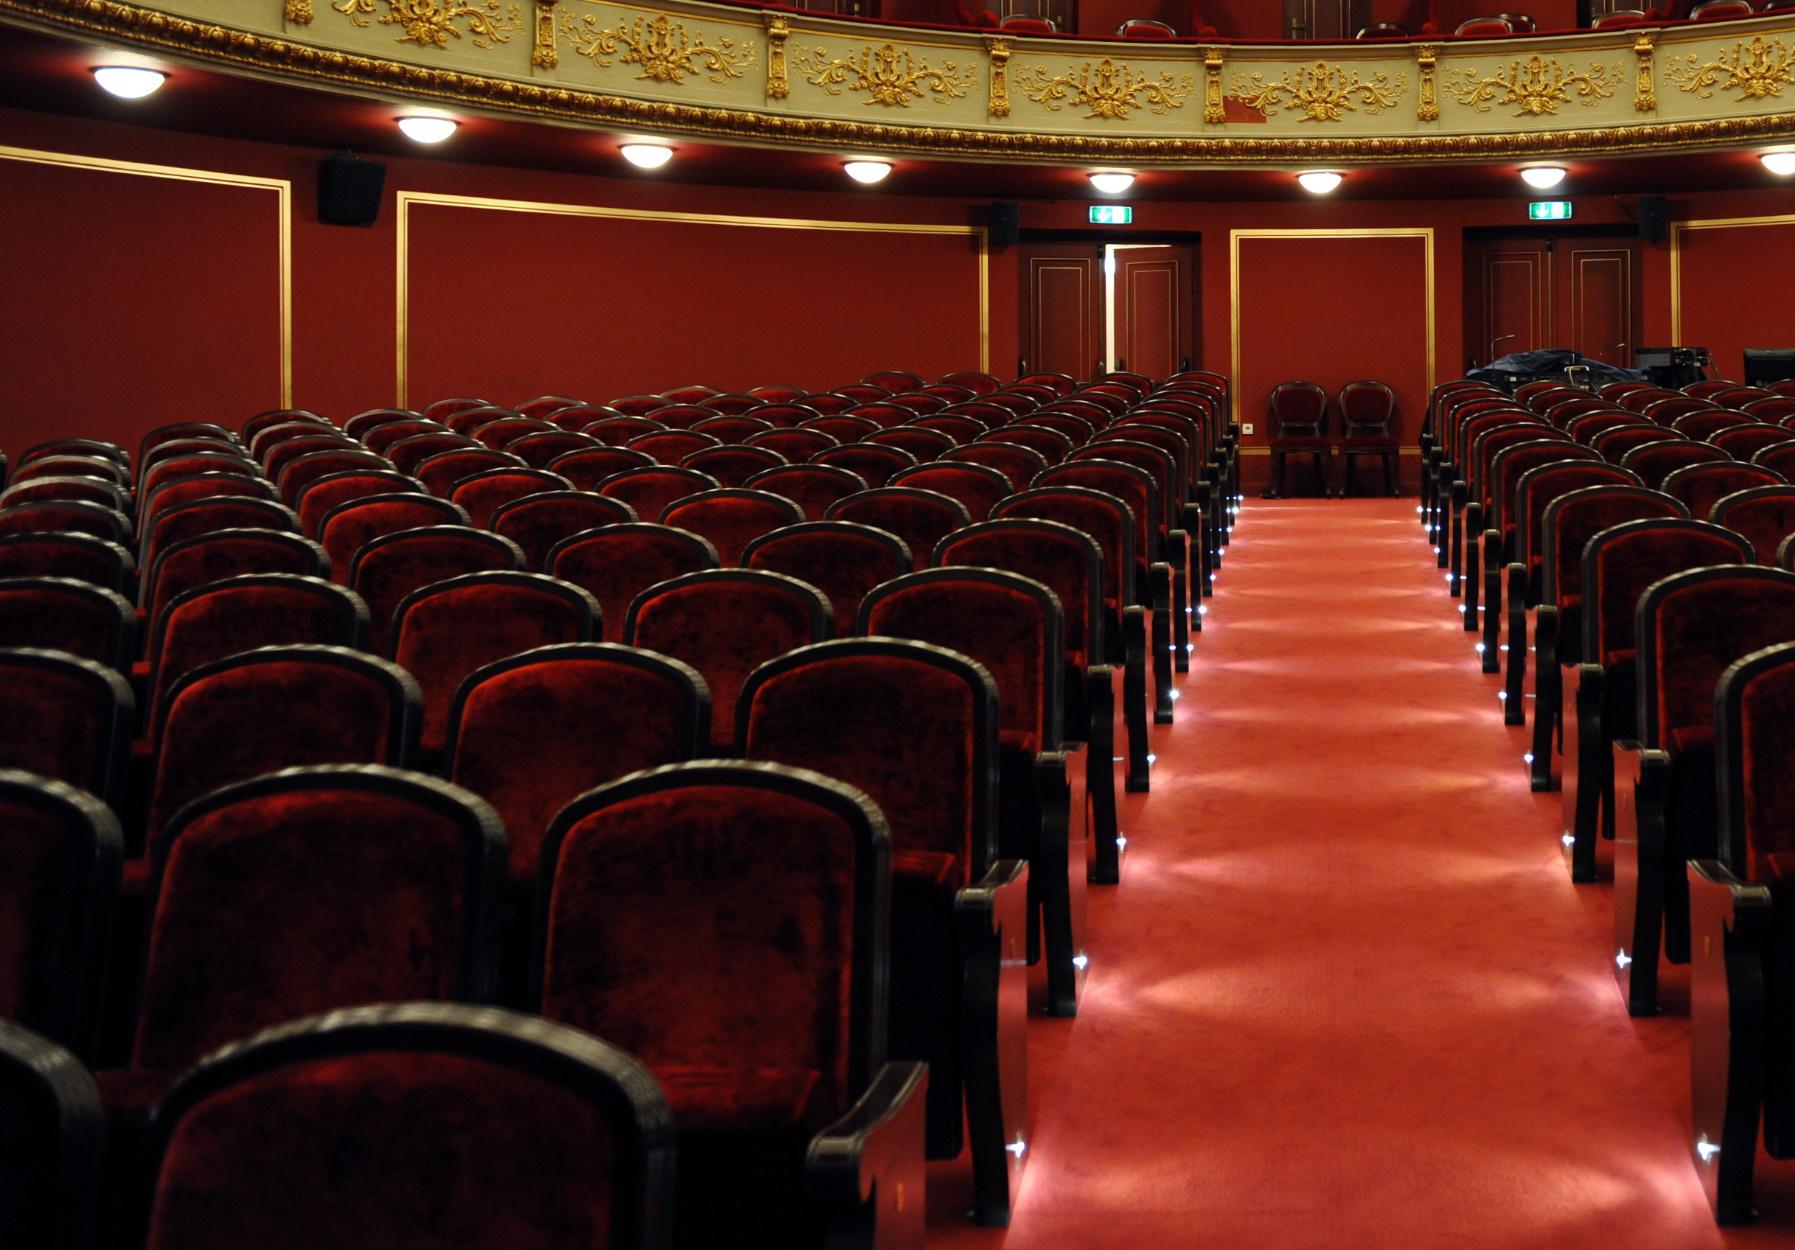 Νέα καταγγελία για γνωστό σκηνοθέτη: Μου ζήτησε να πάω σπίτι του για να περάσω χωρίς εξετάσεις